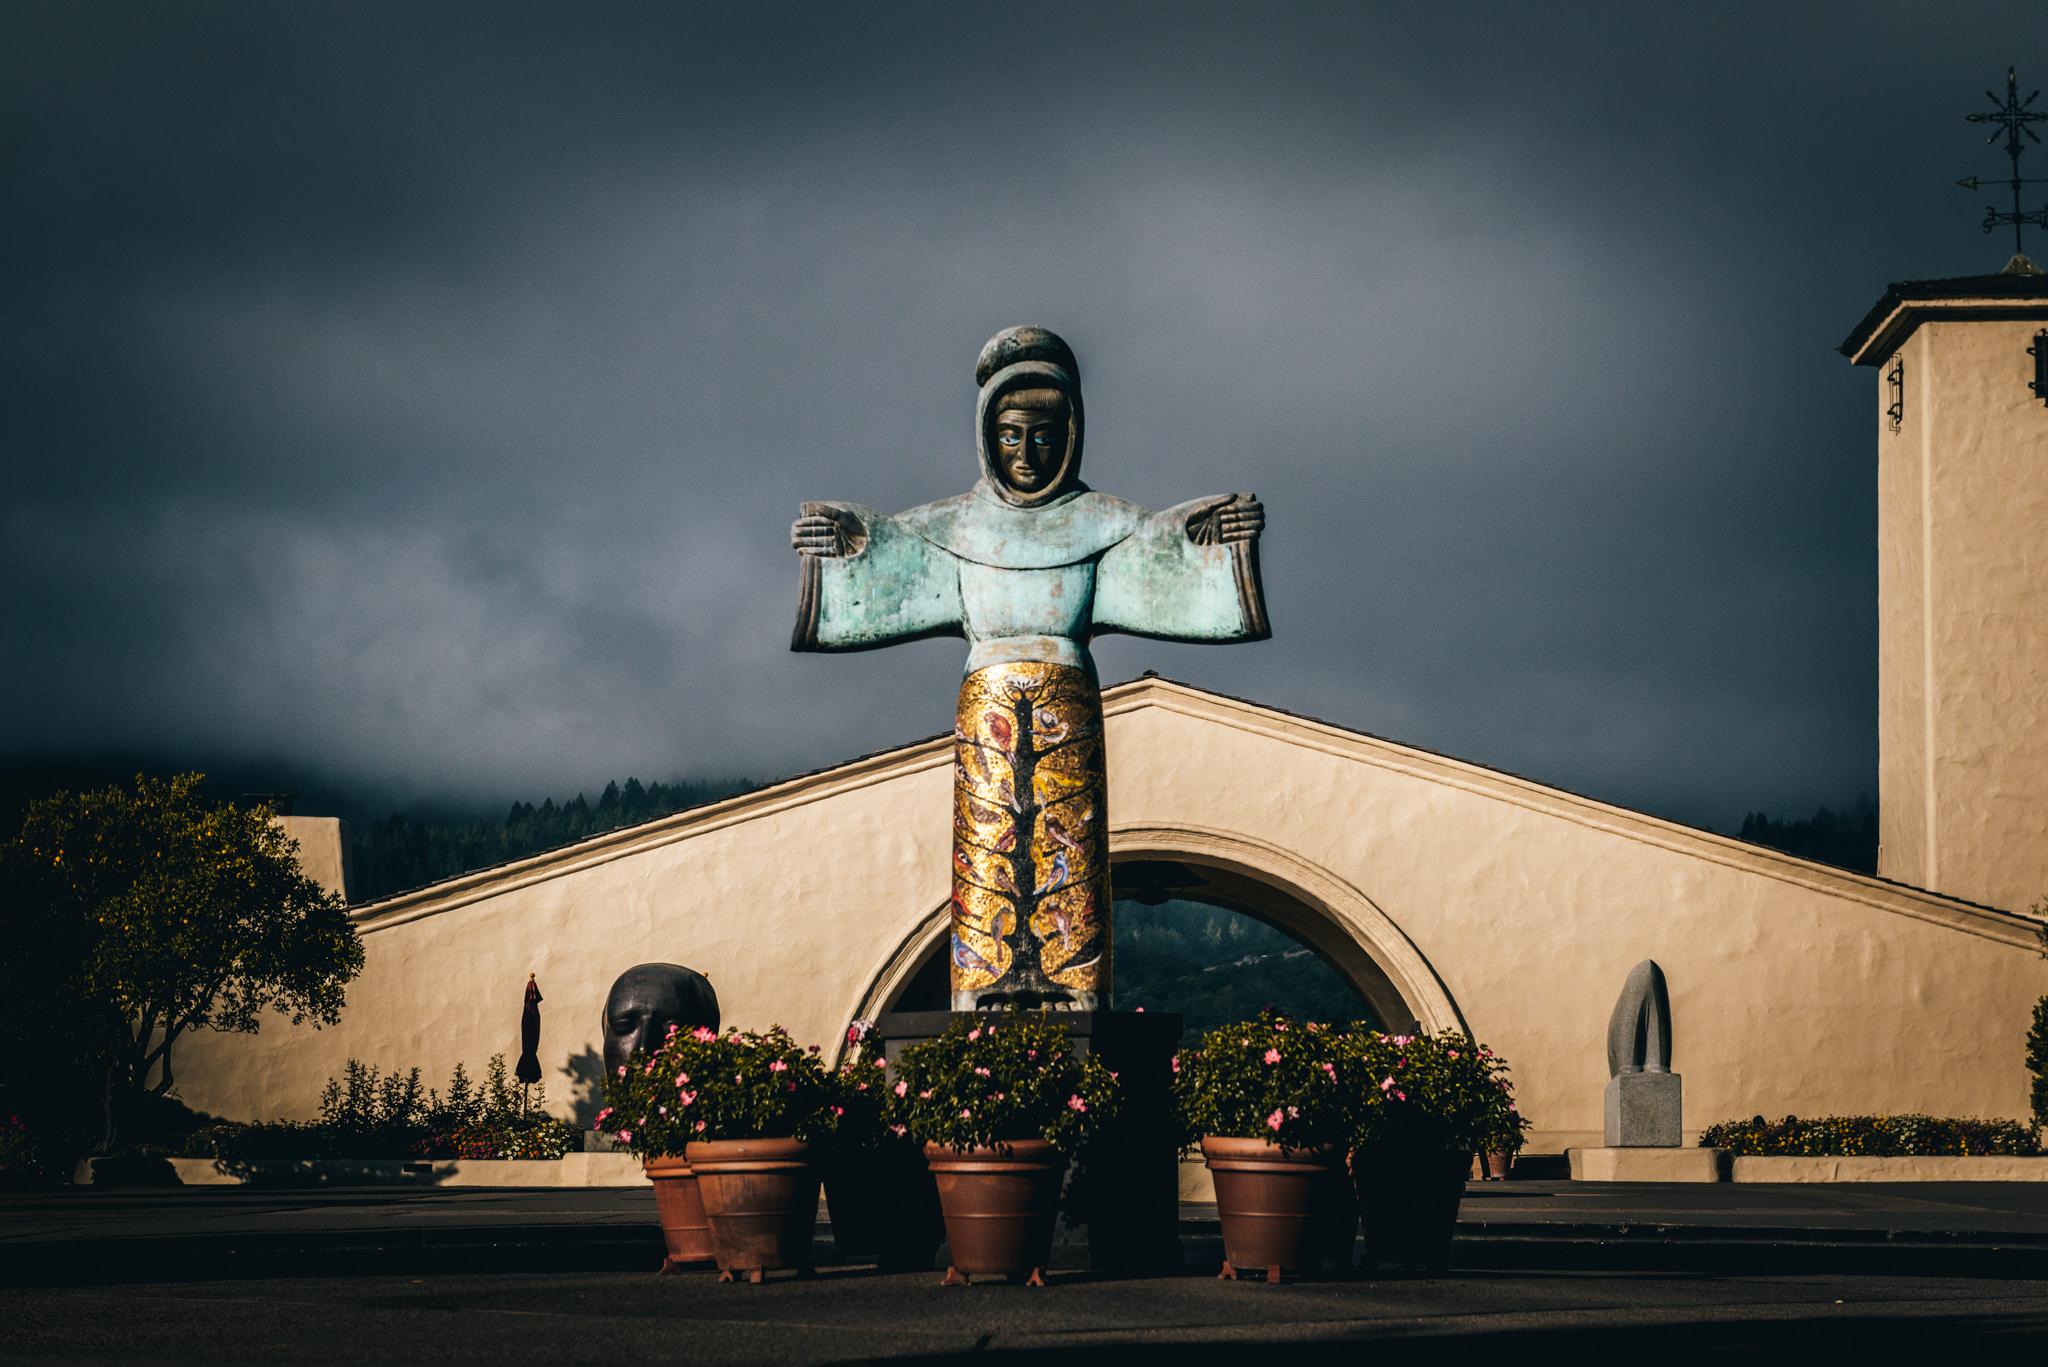 California : Napa Valley : Robert Mondavi Winery in Oakville